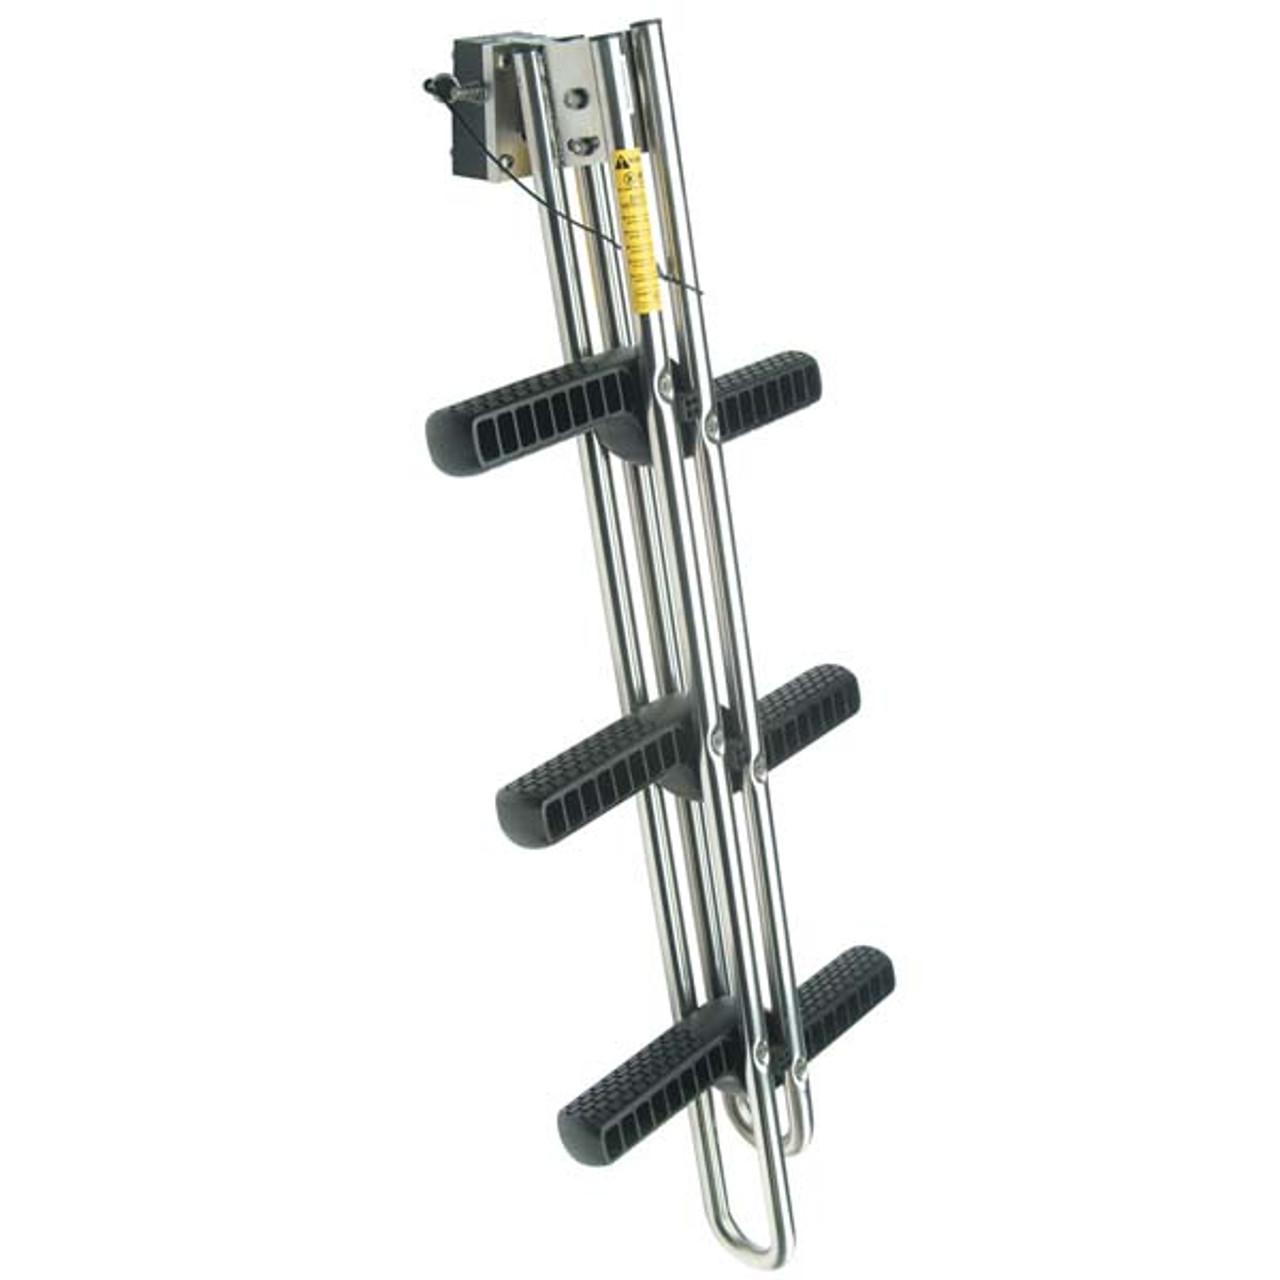 4 Steps Stainless  Sport Diver Ladder Dual Vertical Telescoping Tube Swin Ladder